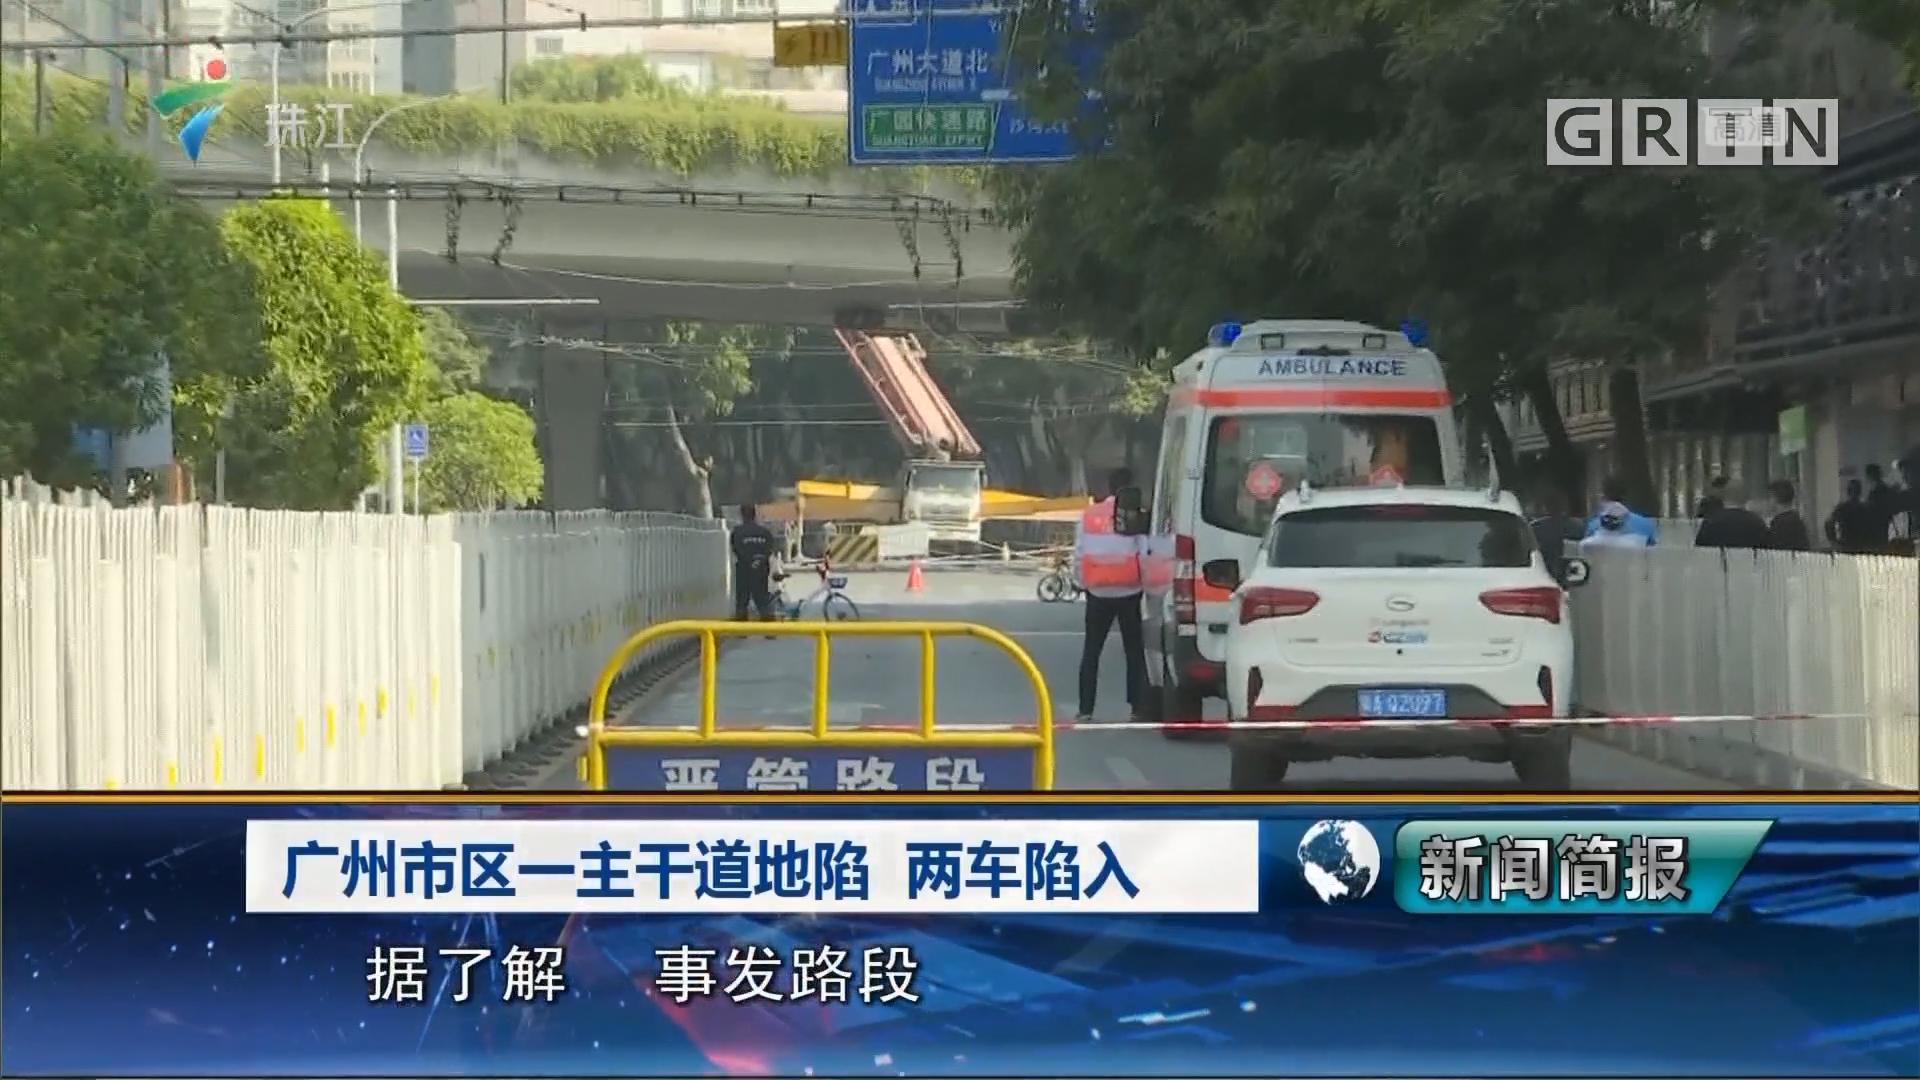 广州市区一主干道地陷 两车陷入